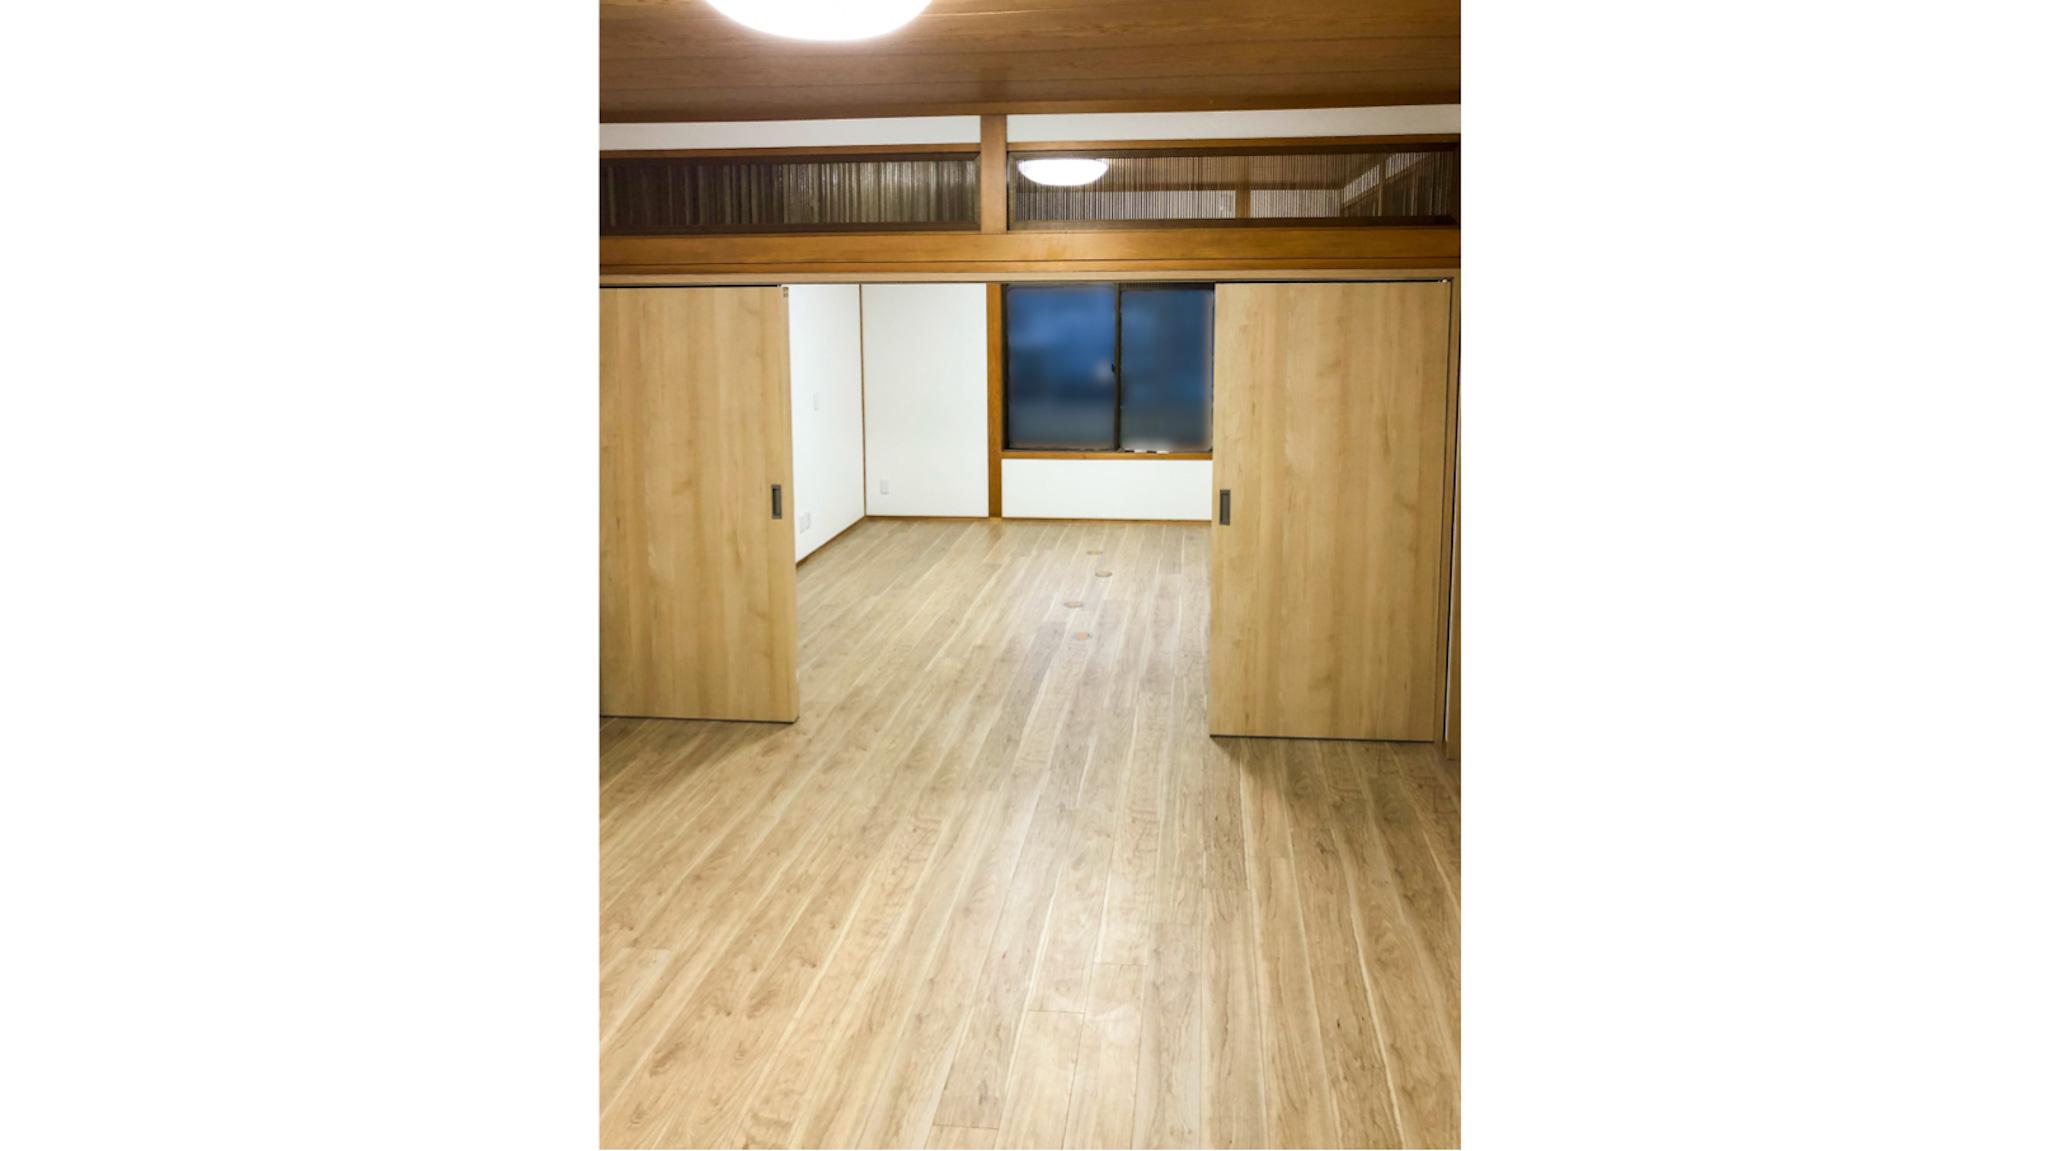 二間続きの和室をオフィスに/床の張り替えと床埋め込みコンセント(尼崎市)